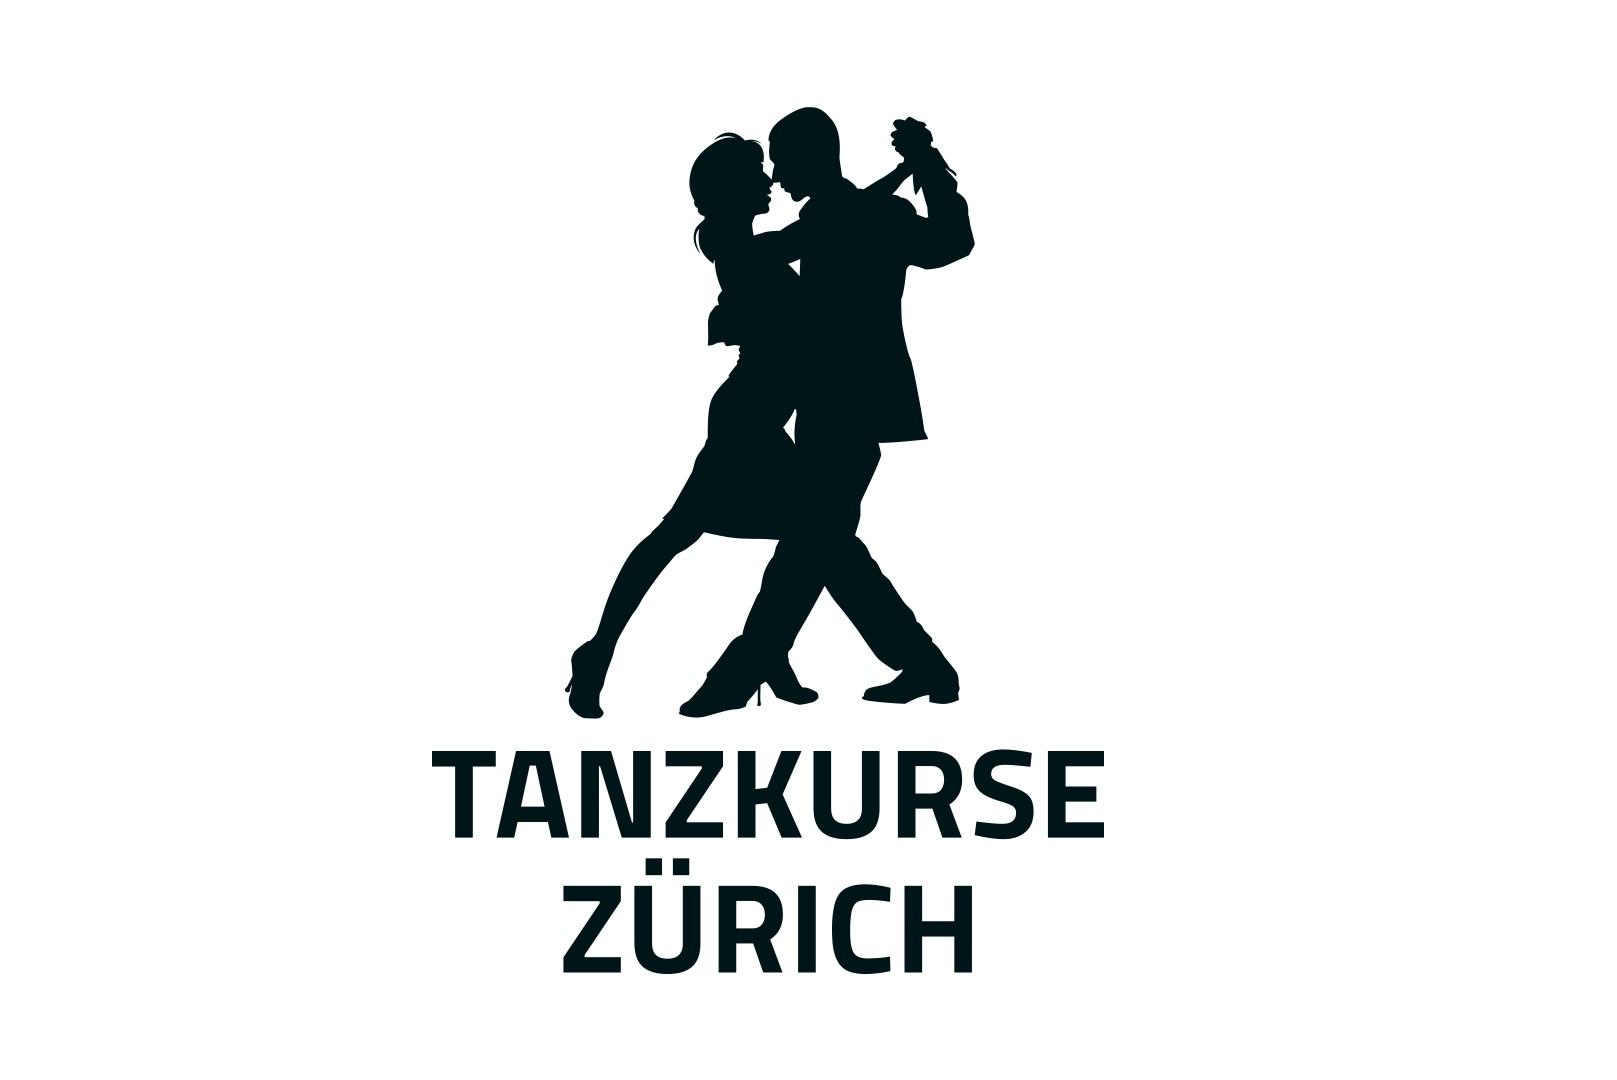 Tanzkurse Zurich